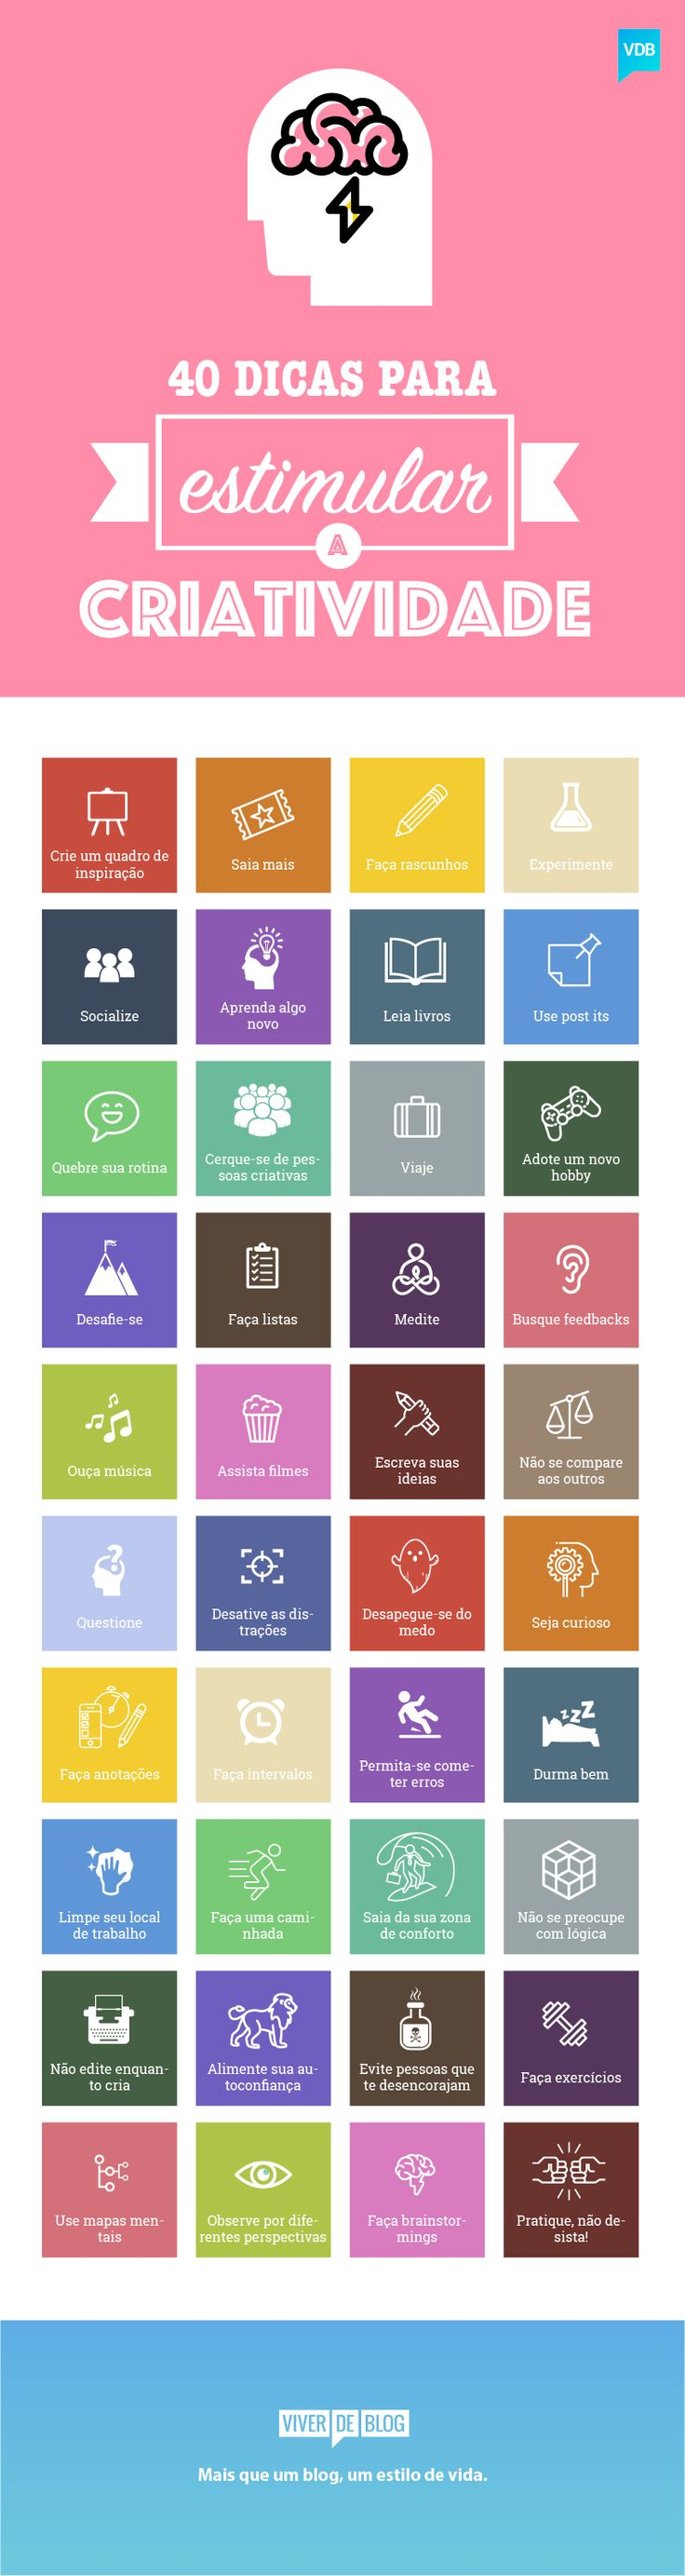 Conheça 40 dicas práticas e rápidas para estimular sua criatividade e derrotar definitivamente os vilões do pensamento inovador.